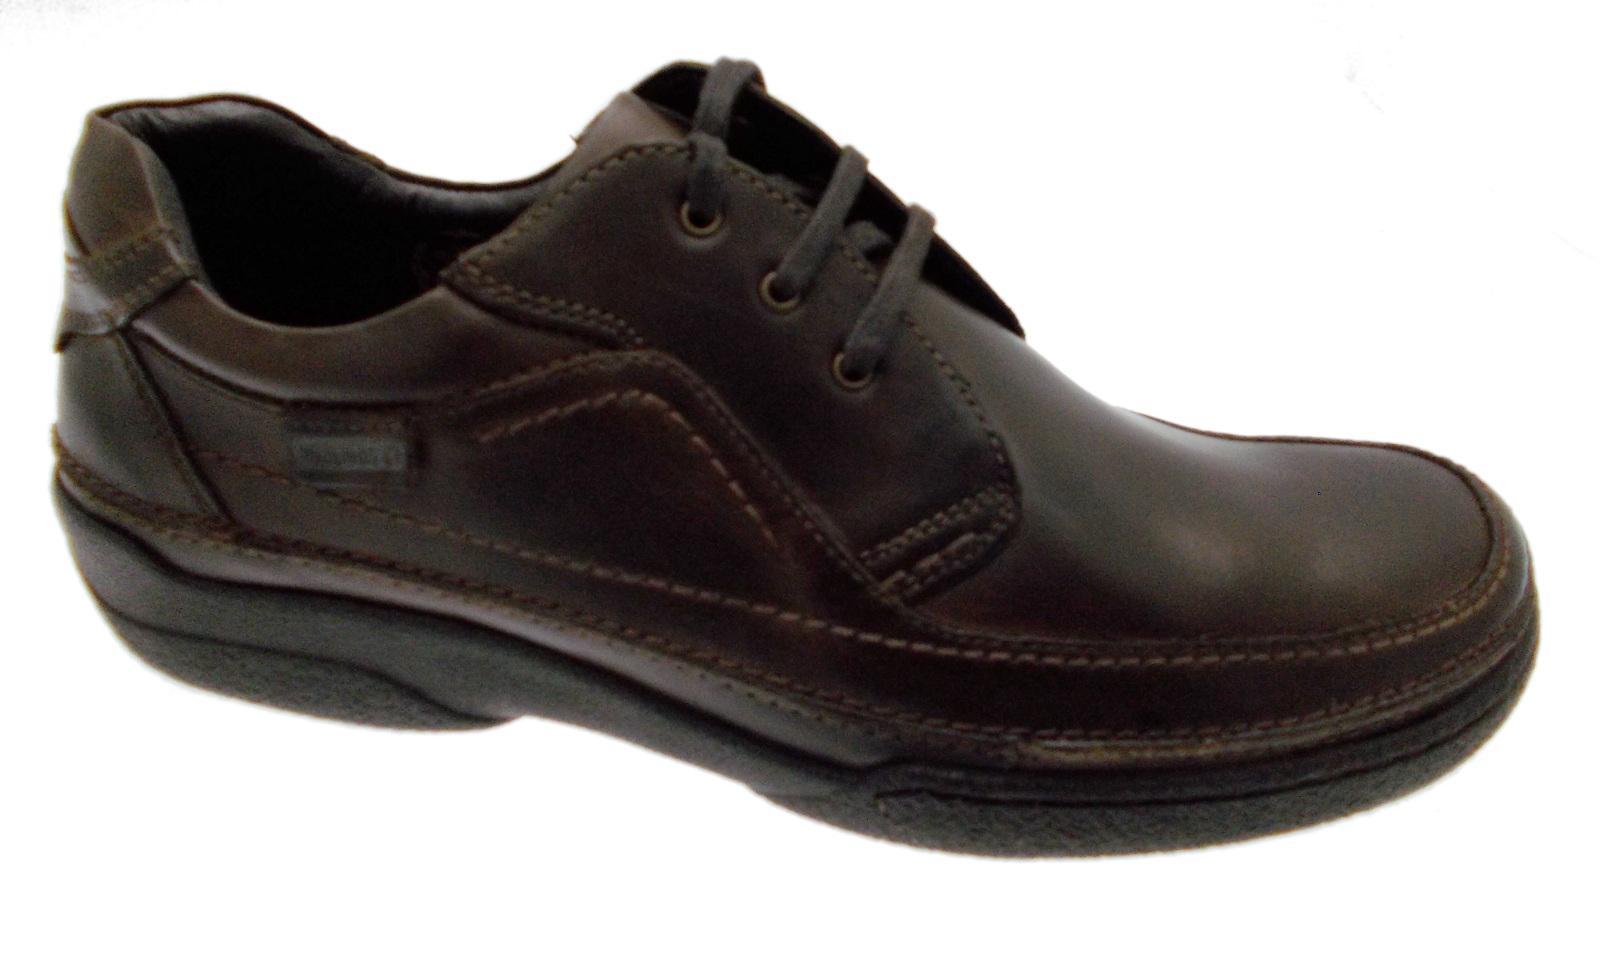 Lacci pelle marrone scarpa art 04K-5621 scarpa marrone uomo classica Pikolinos 98e24f